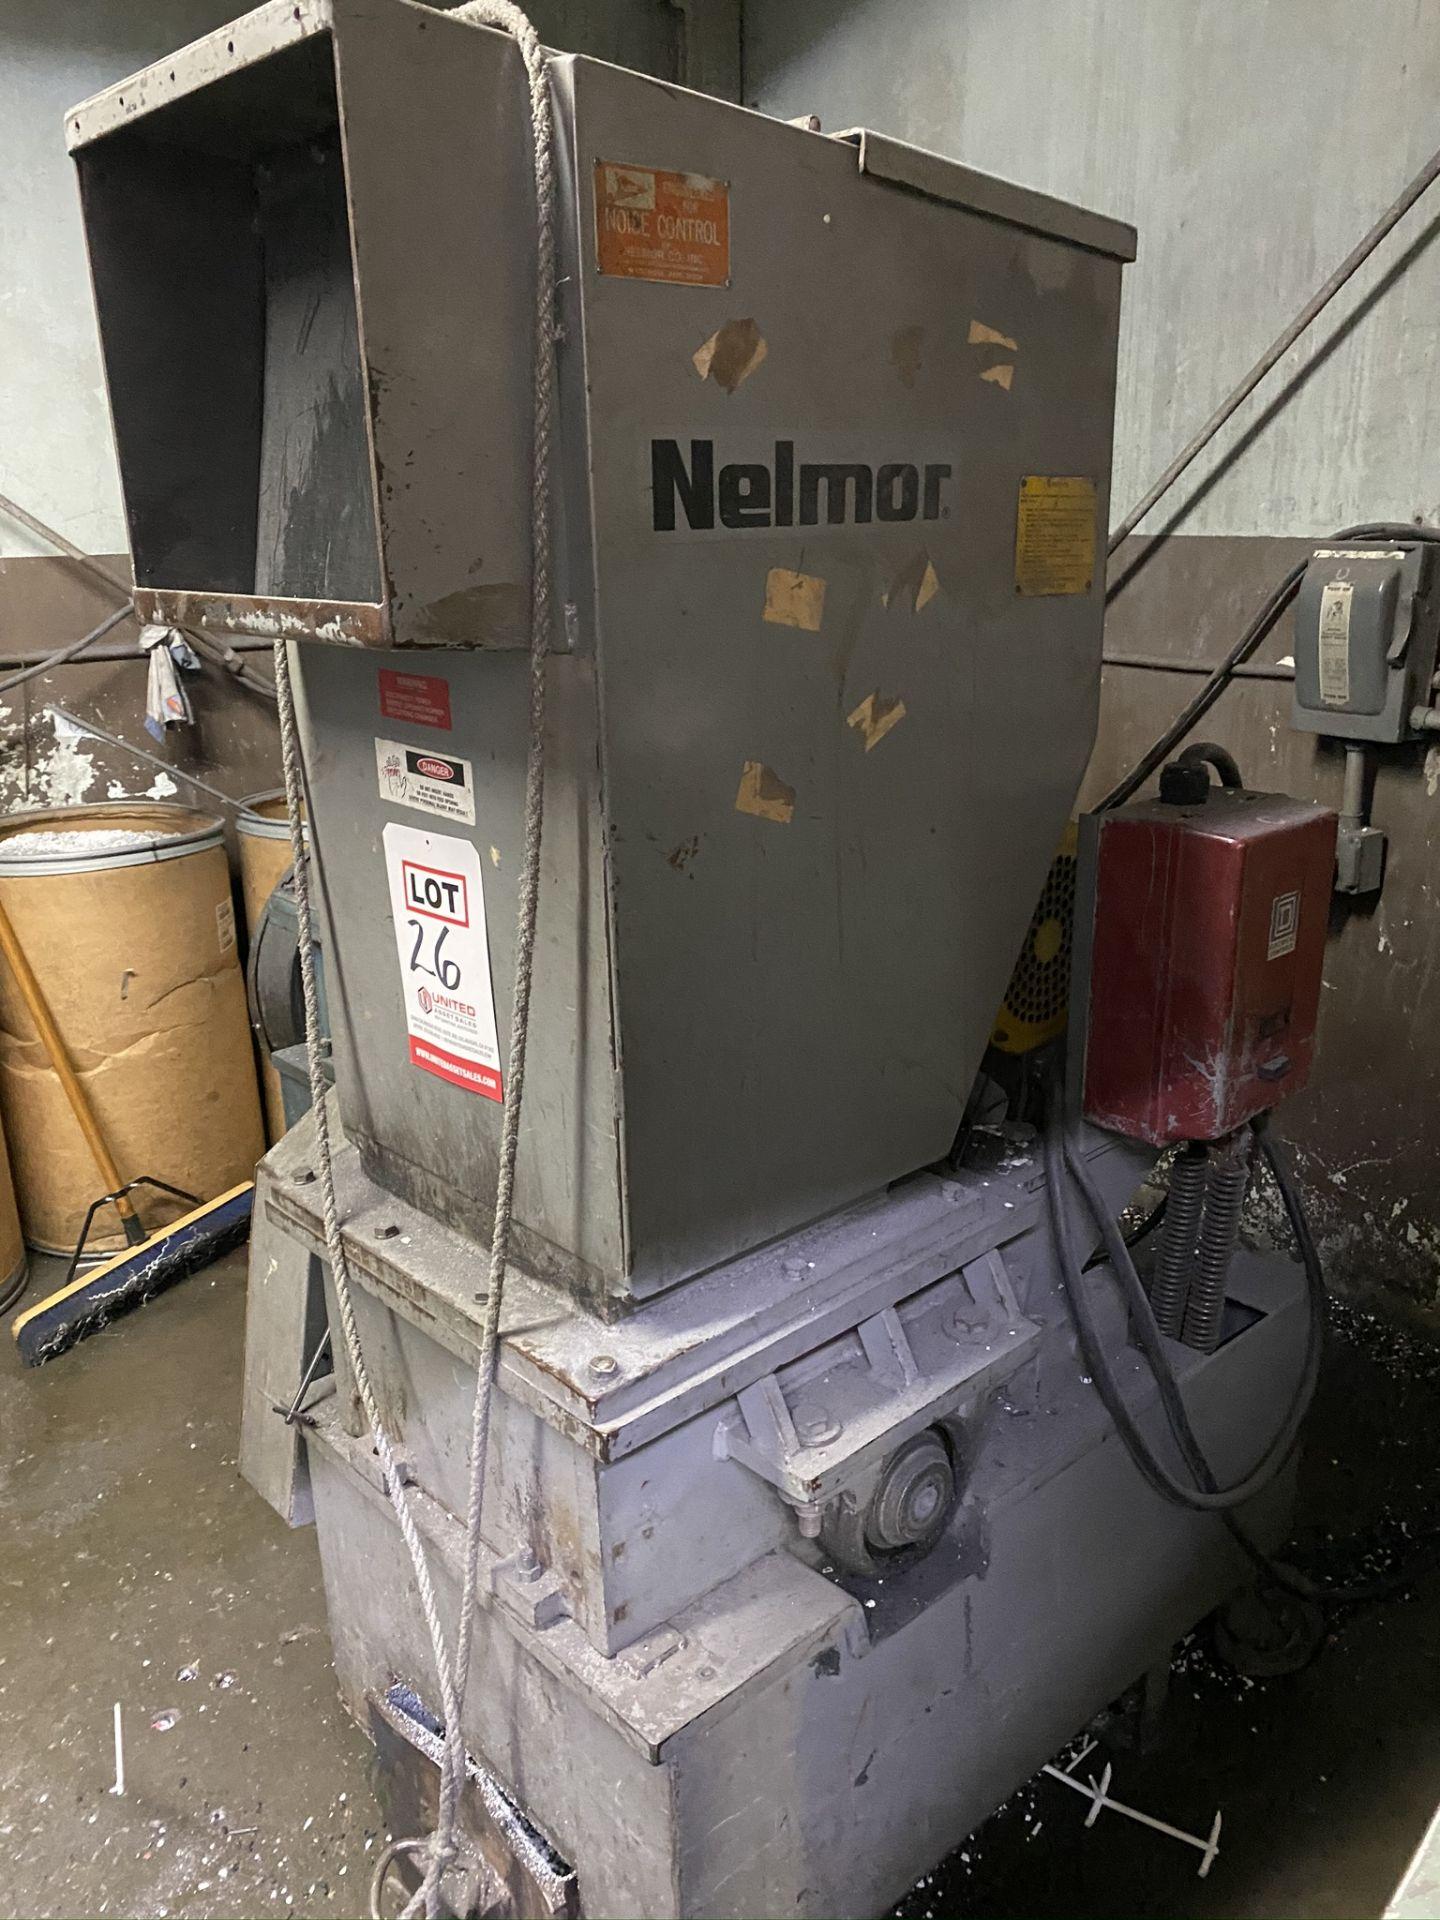 Lot 26 - NELMOR 10 HP GRANULATOR